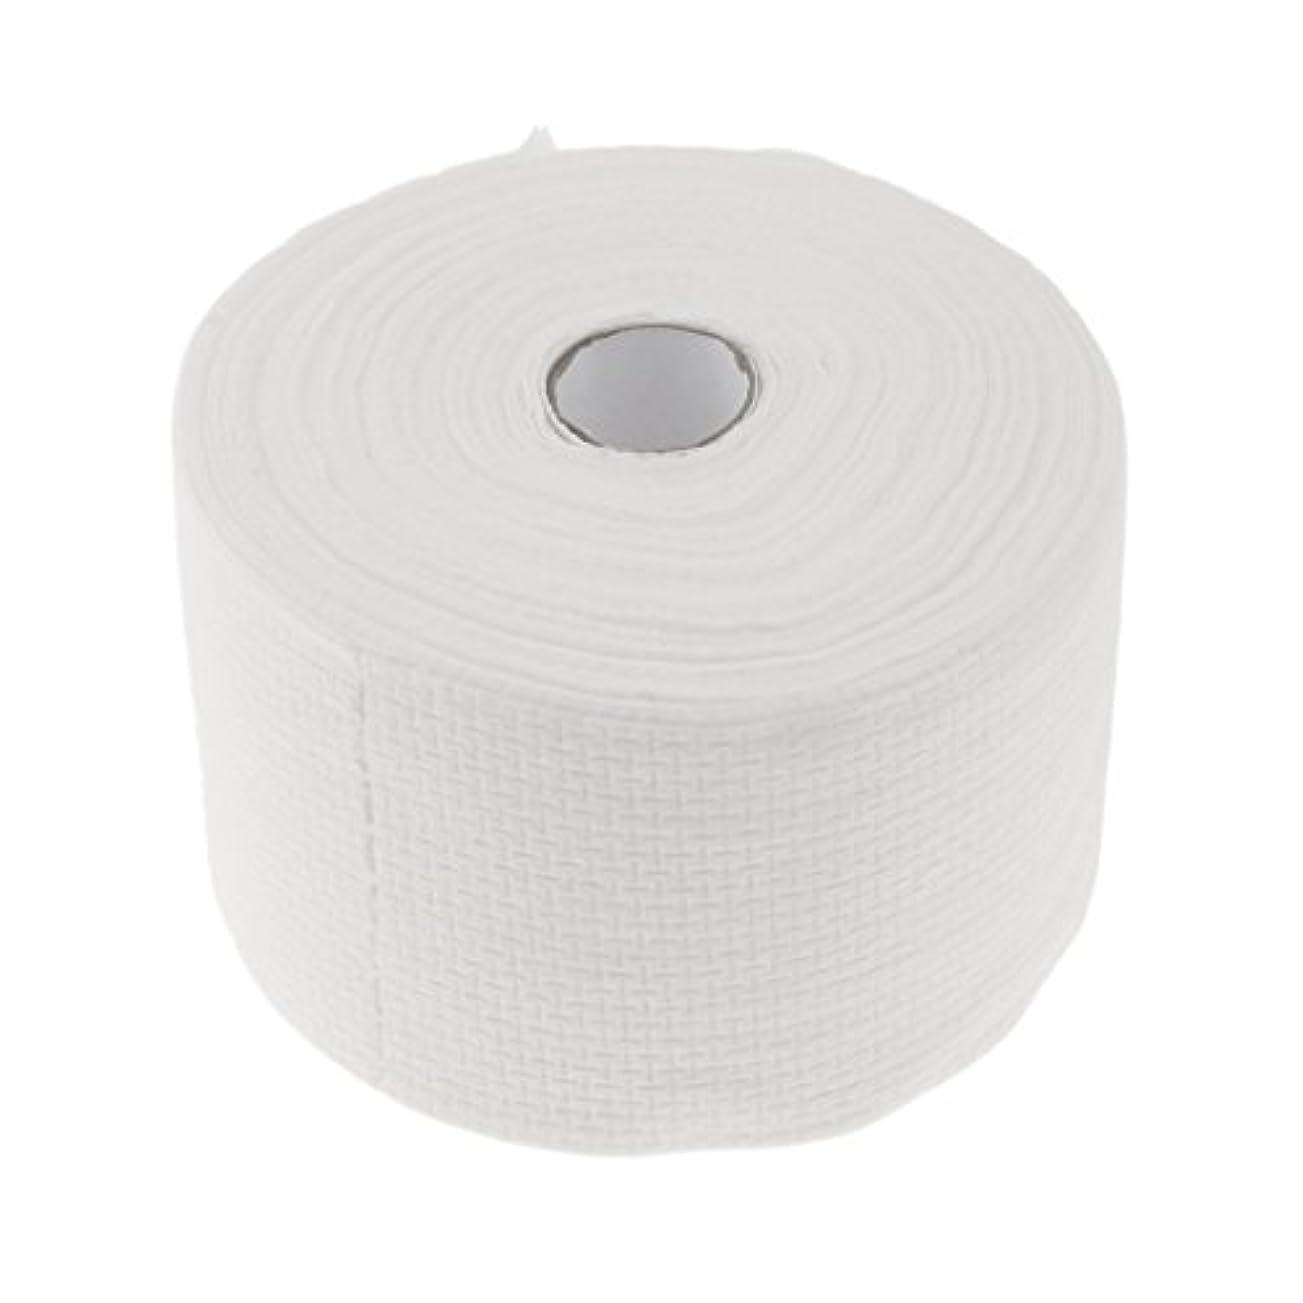 封筒染色比類のない使い捨てタオル ロール式 洗顔タオル 30M コットン 快適 便利 家庭用 サロン 2タイプ選べる - #1